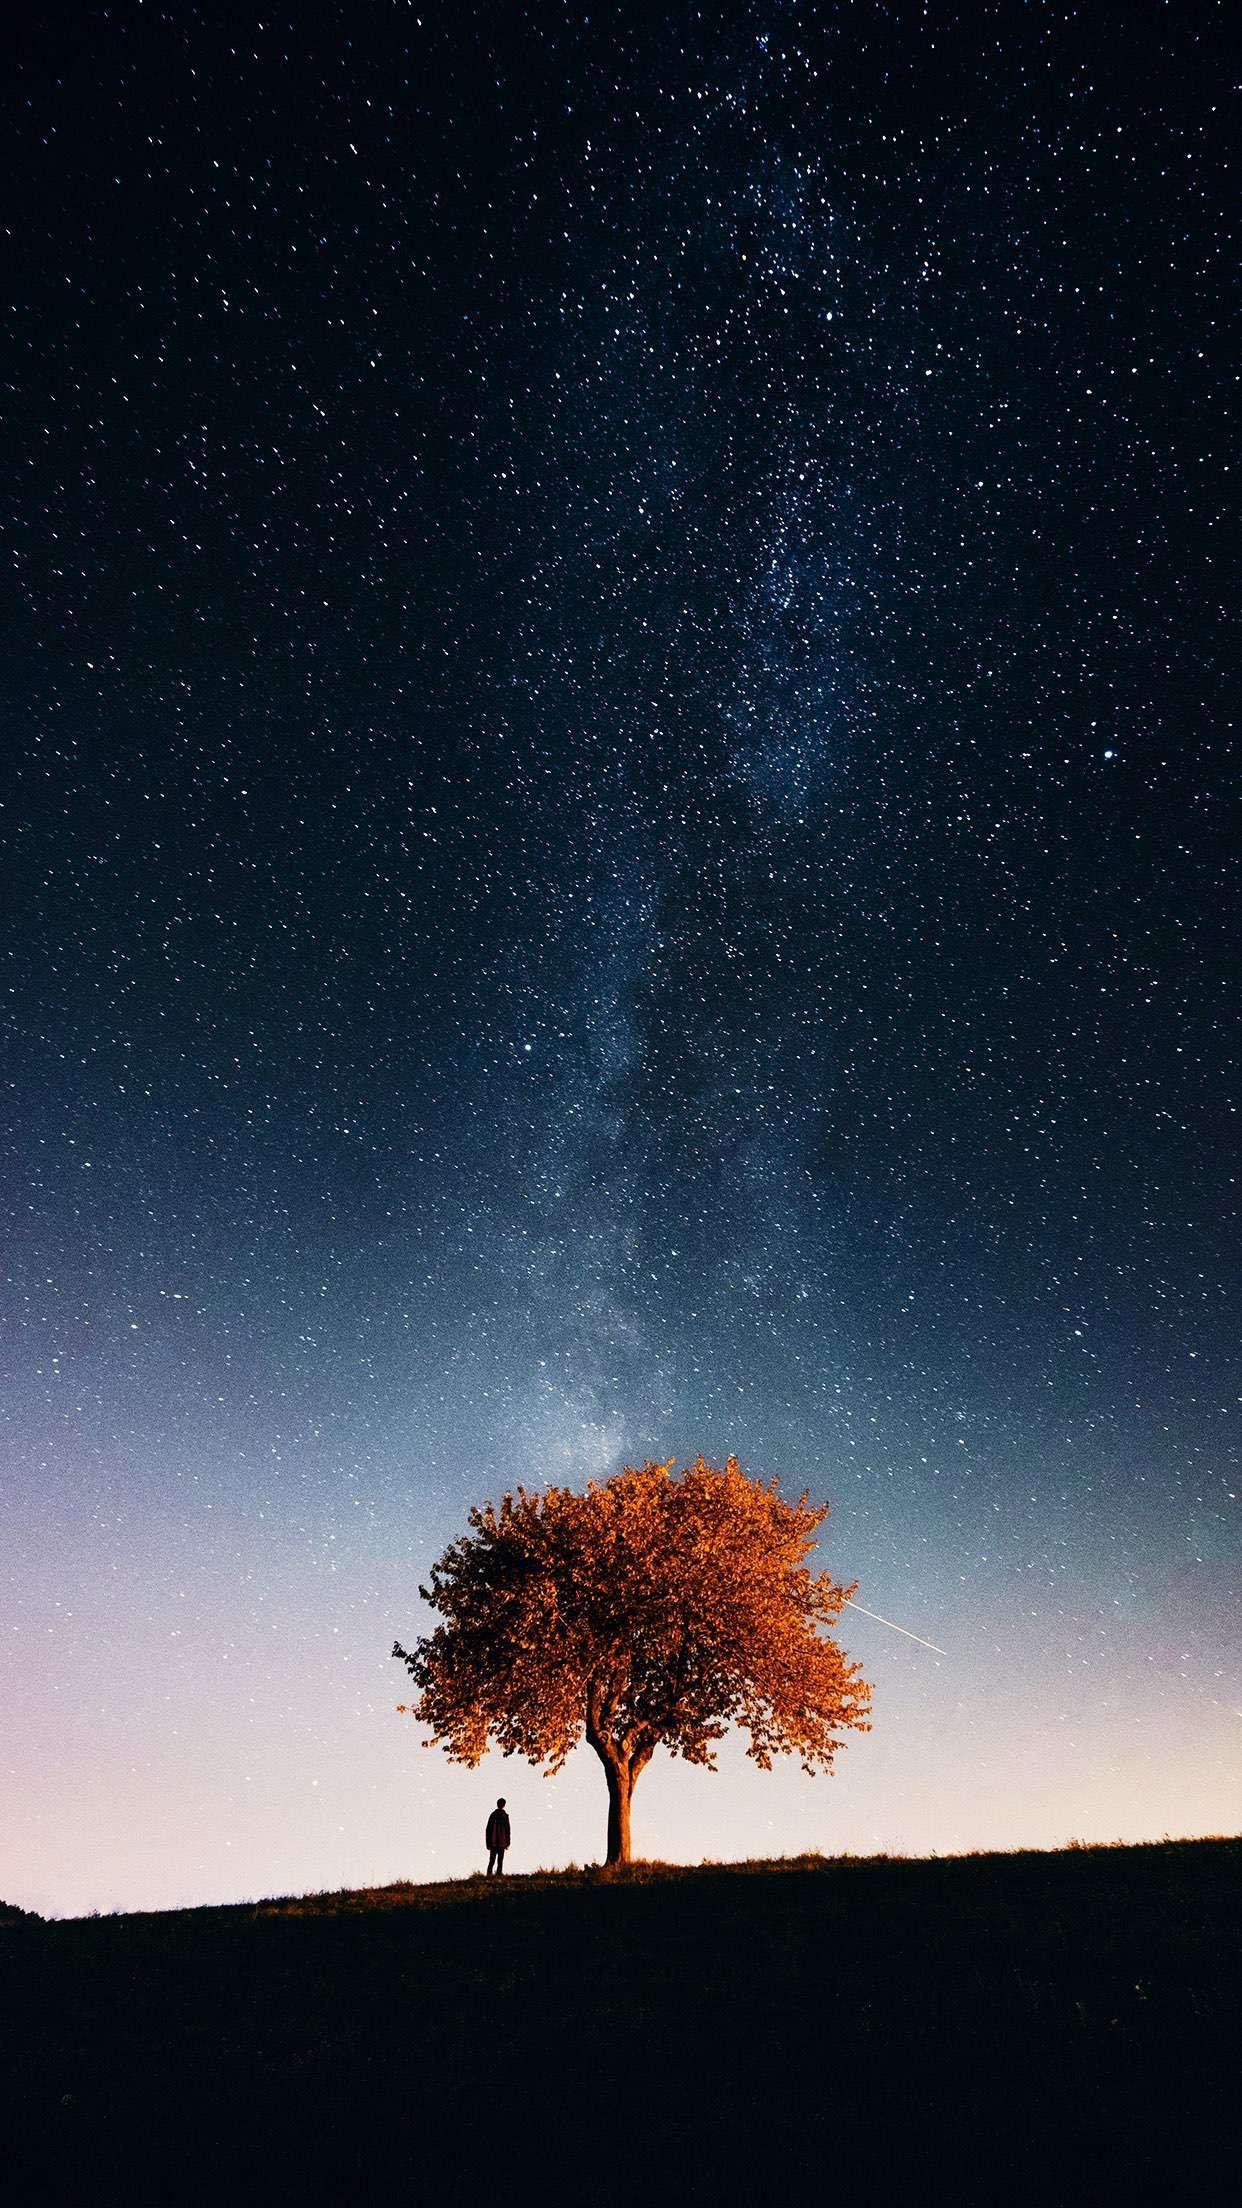 La Voie Lactée In 2019 Starry Night Sky Beautiful Sky